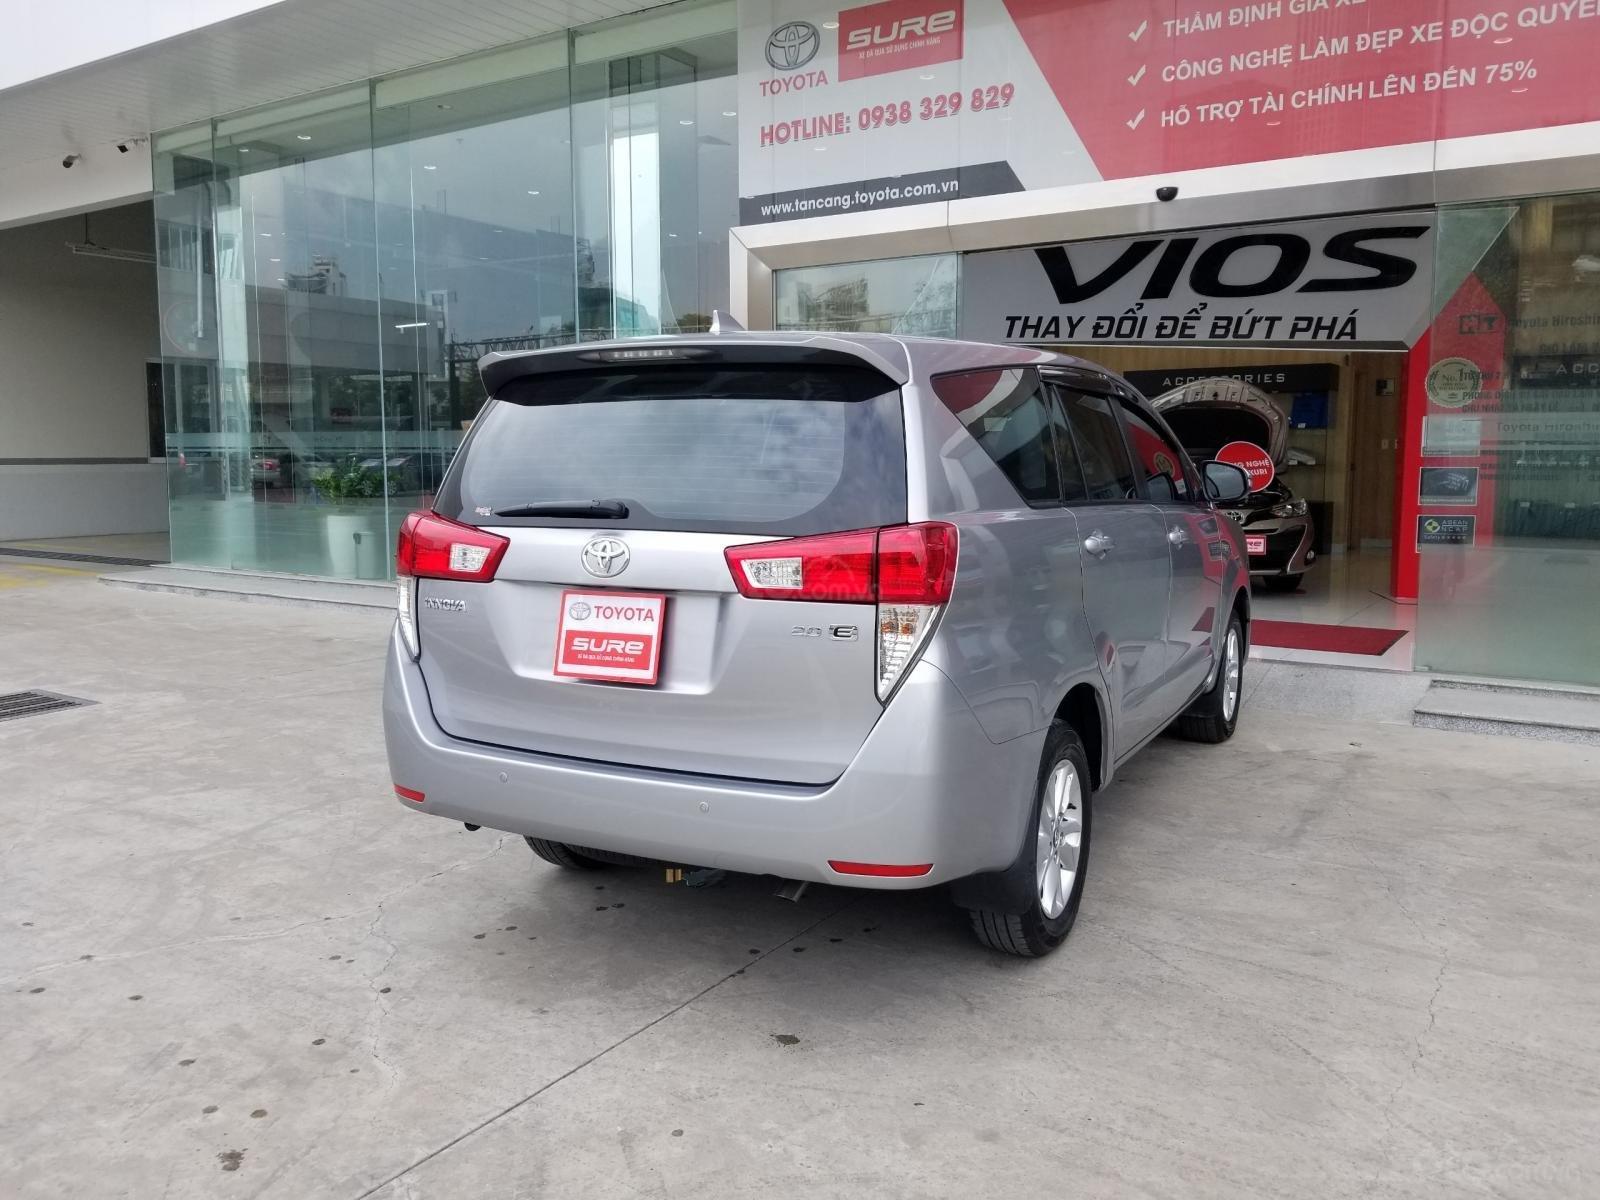 Cần bán xe Toyota Innova 2.0E 2019, màu bạc, xe gia đình HCM đi 45.000km - Xe chất giá tốt (5)